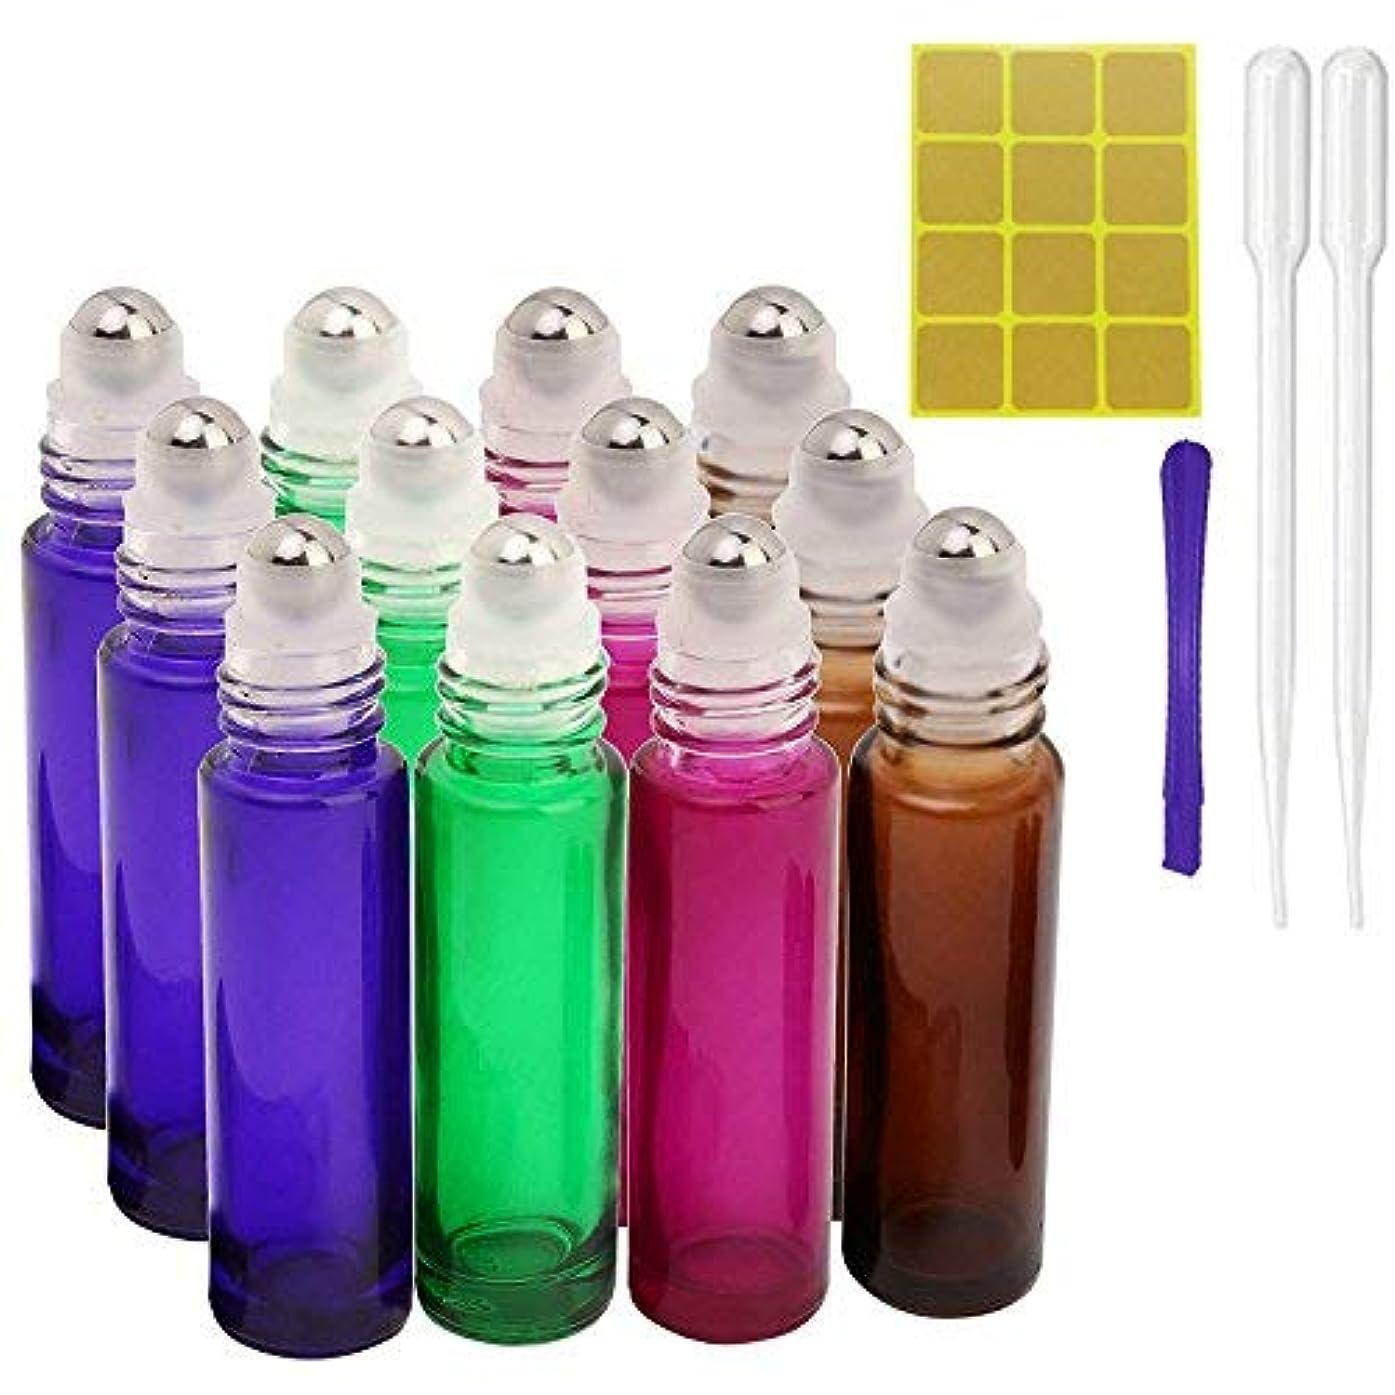 レパートリー吸う超える12, 10ml Roller Bottles for Essential Oils - Glass Refillable Roller on Bottles with 1 Opener, 2 Droppers, 24...